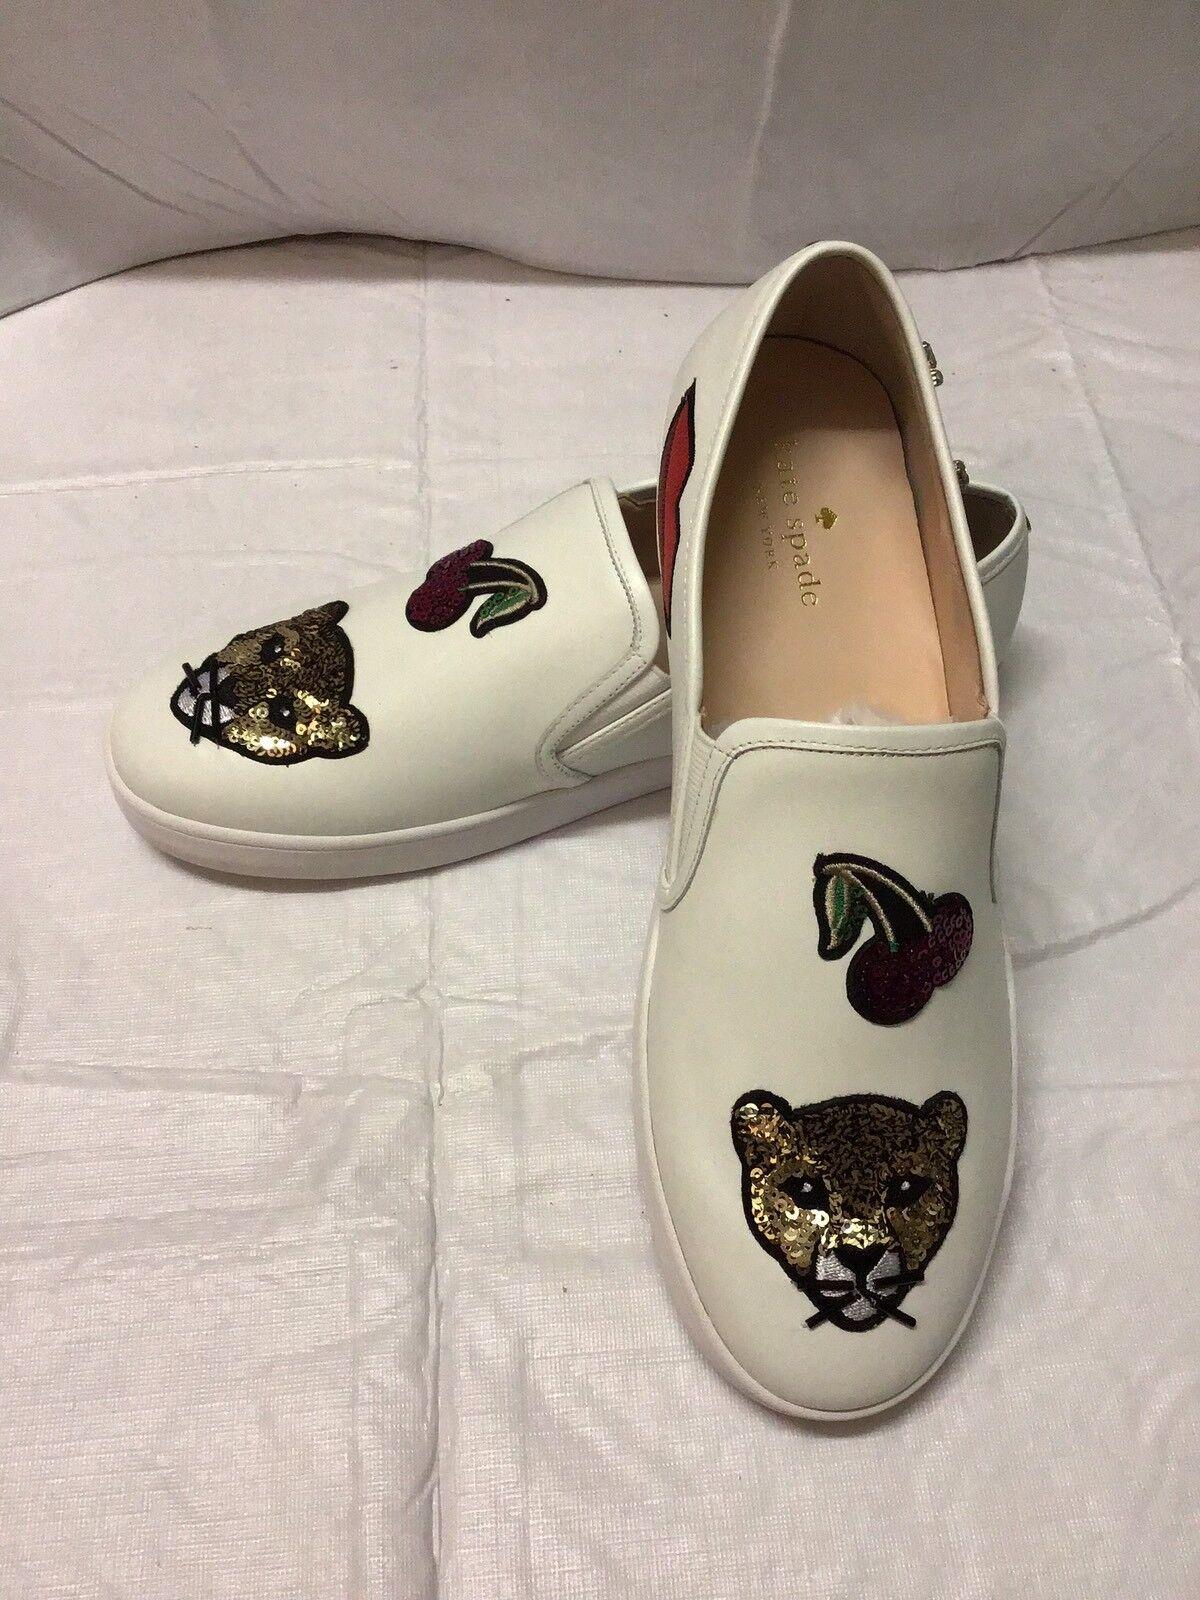 Kate Spade Lizbeth White Sneaker Sequin Lips Cherry Cat Women's Shoes 8.5M New